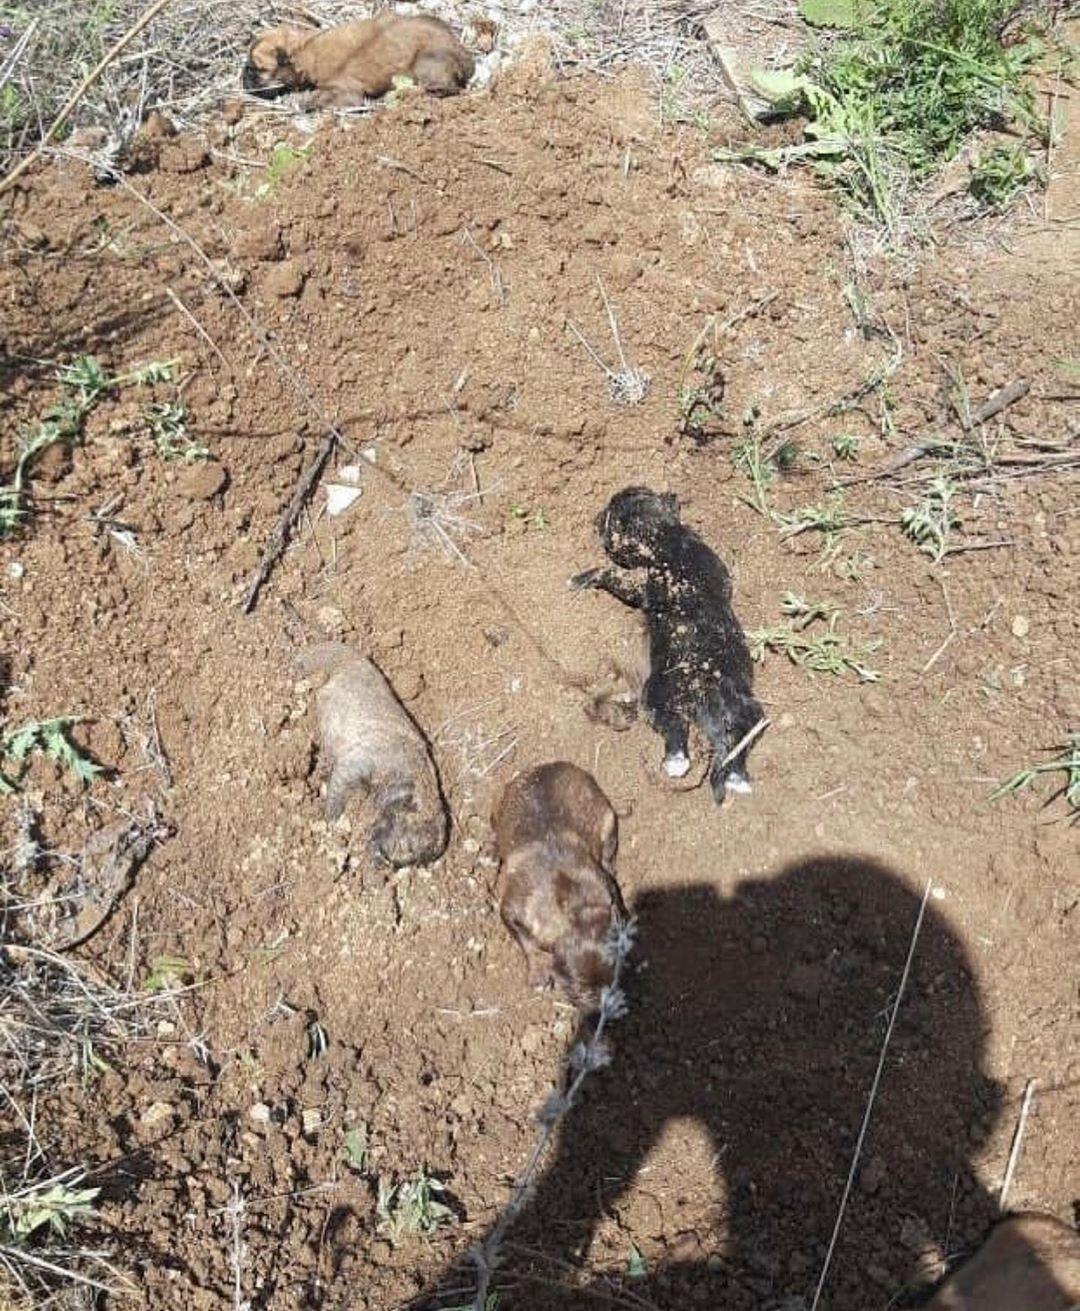 фото Закопали заживо: новосибирцев шокировало найденное в поле шевелящееся захоронение 2